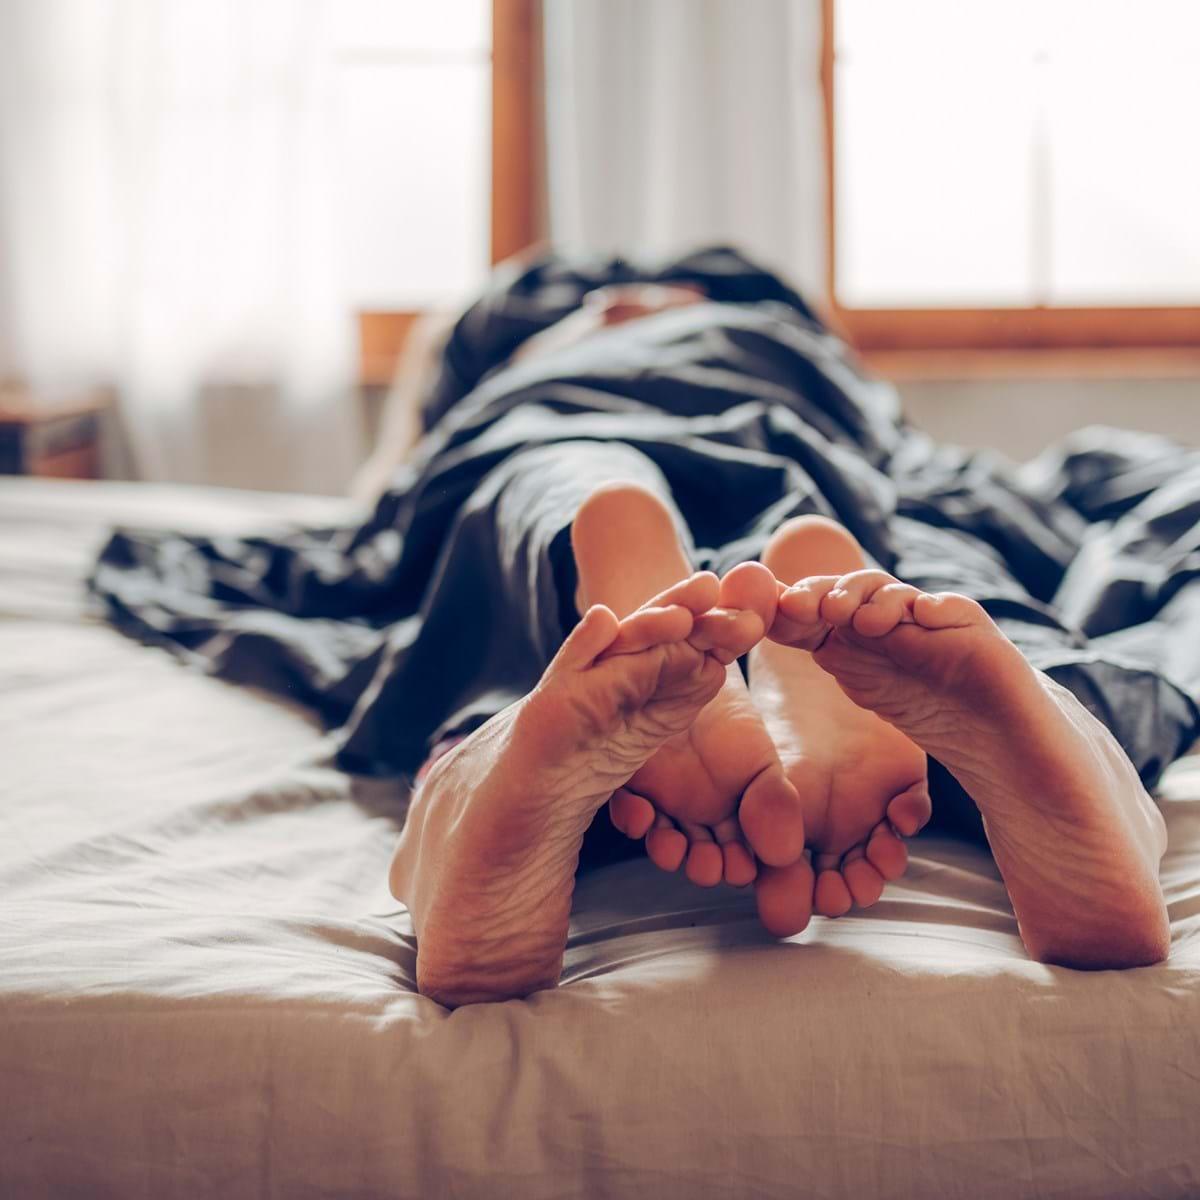 Como Fica O Sexo Em Tempo De Pandemia Do Coronavirus Vida Sabado